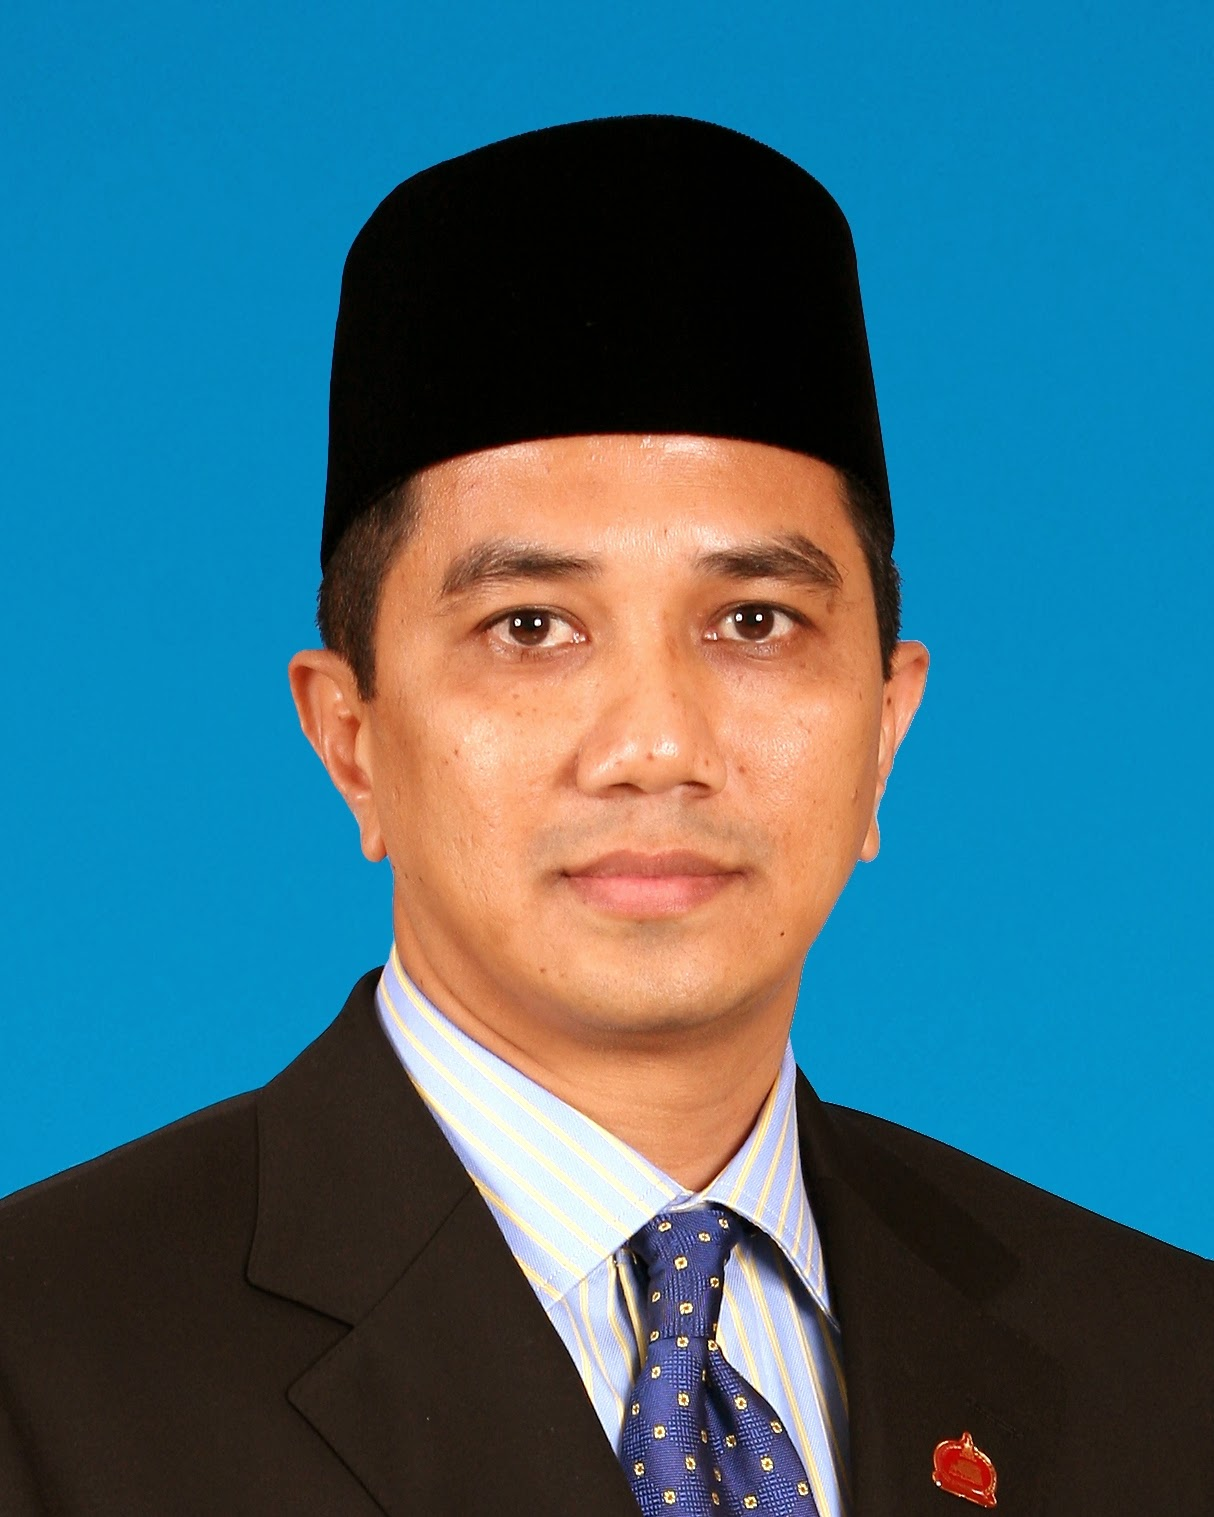 Azmin Ali Menteri Besar Selangor Baharu Ke 15